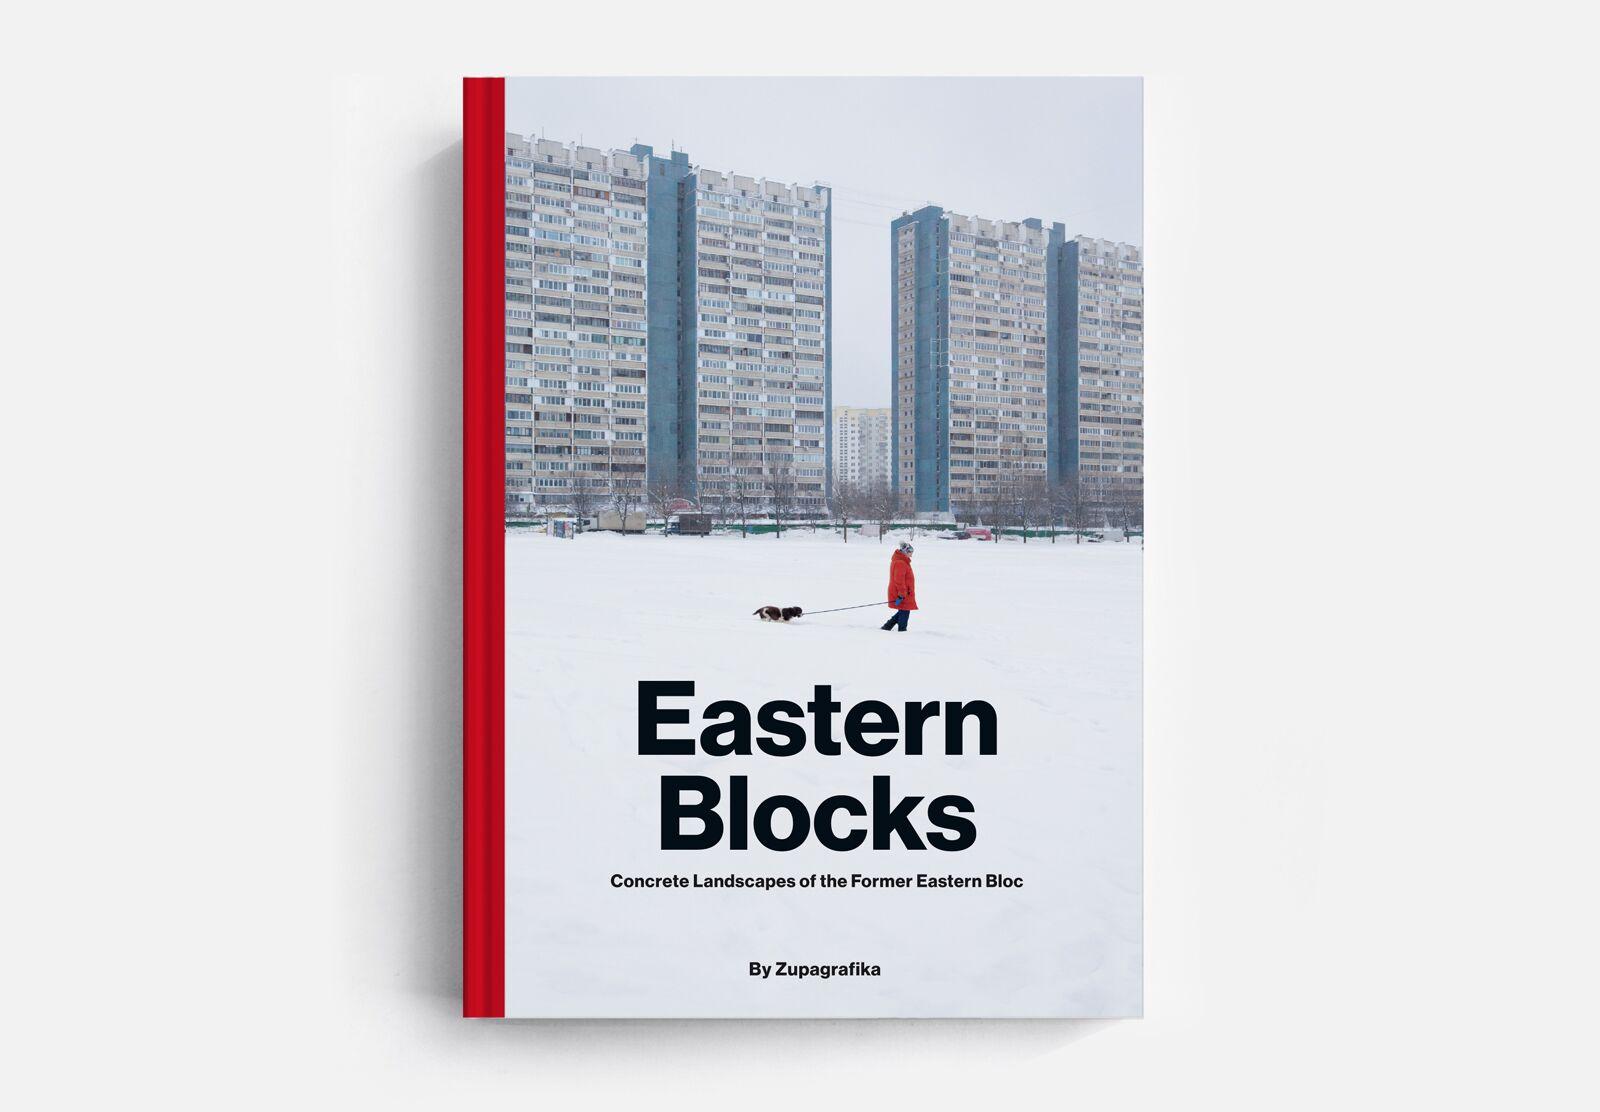 easternblocksmainimage.jpeg